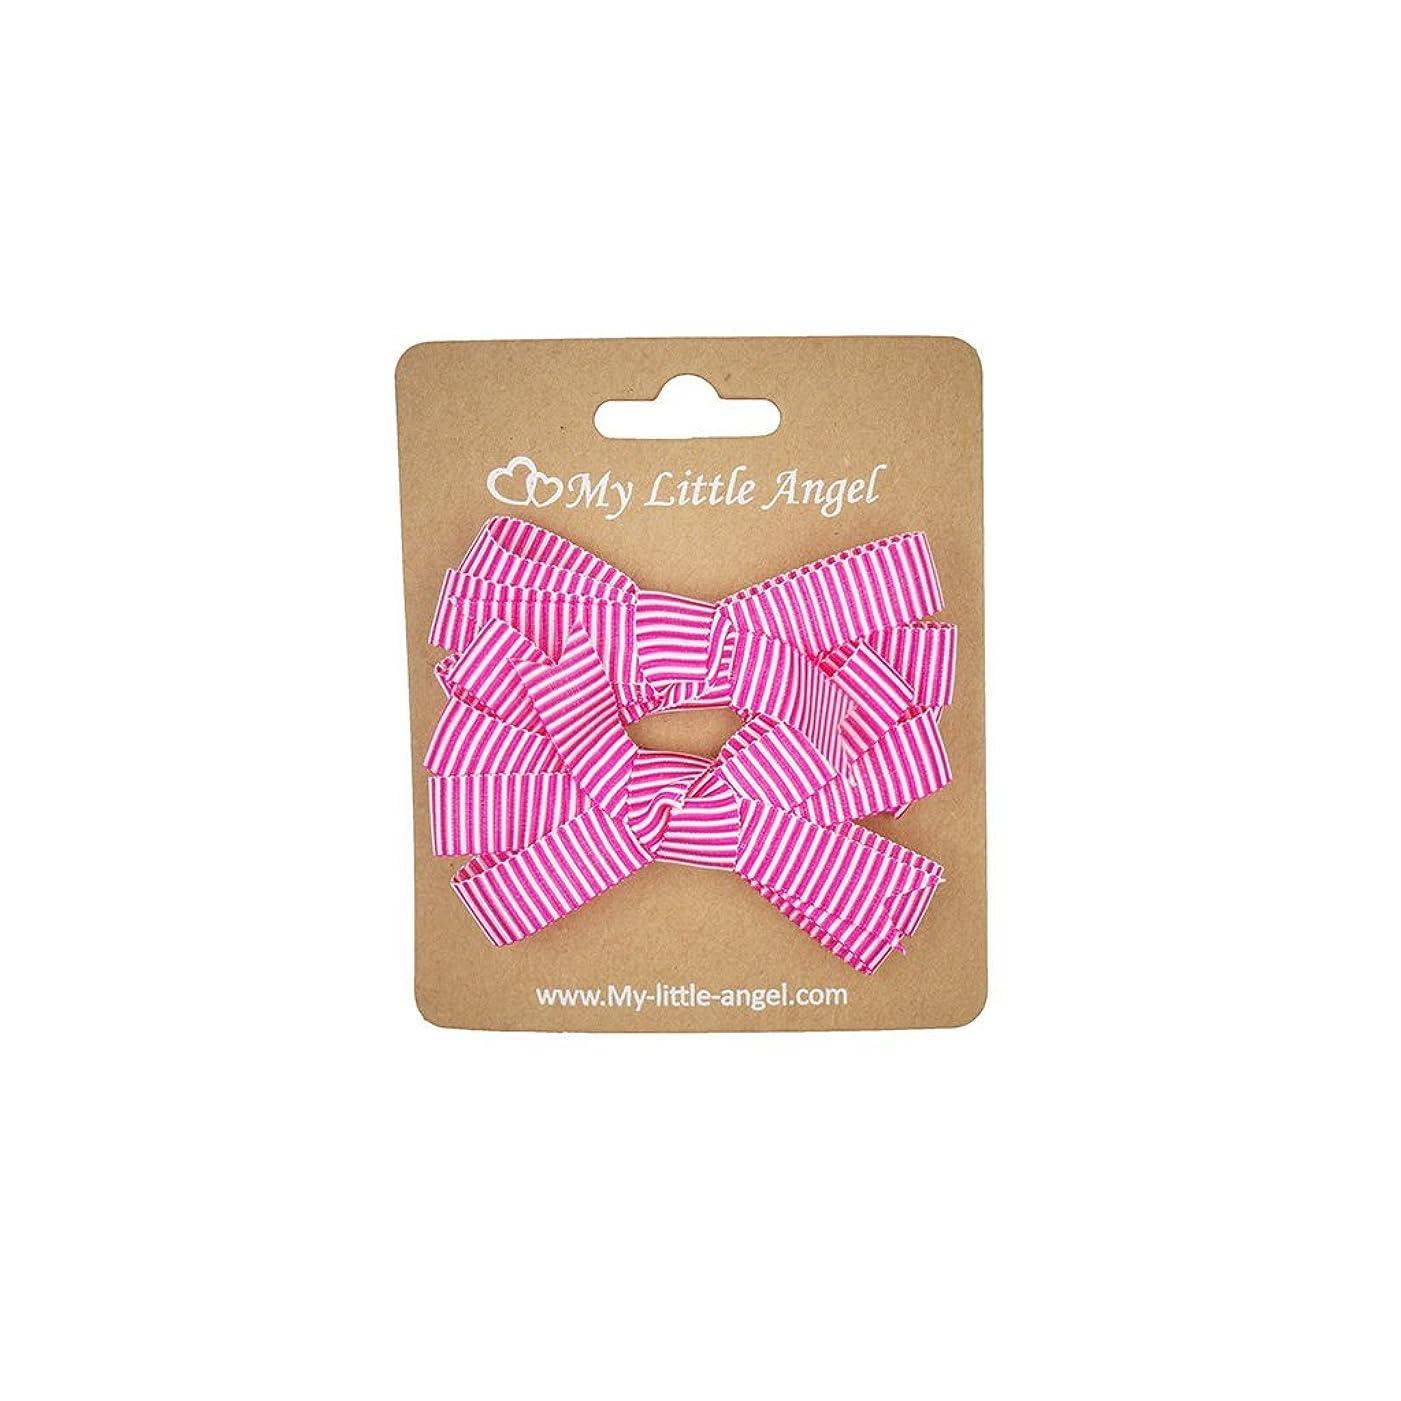 測定期限切れ福祉MLA-GIRL-047 Hot Pink With White Stripe